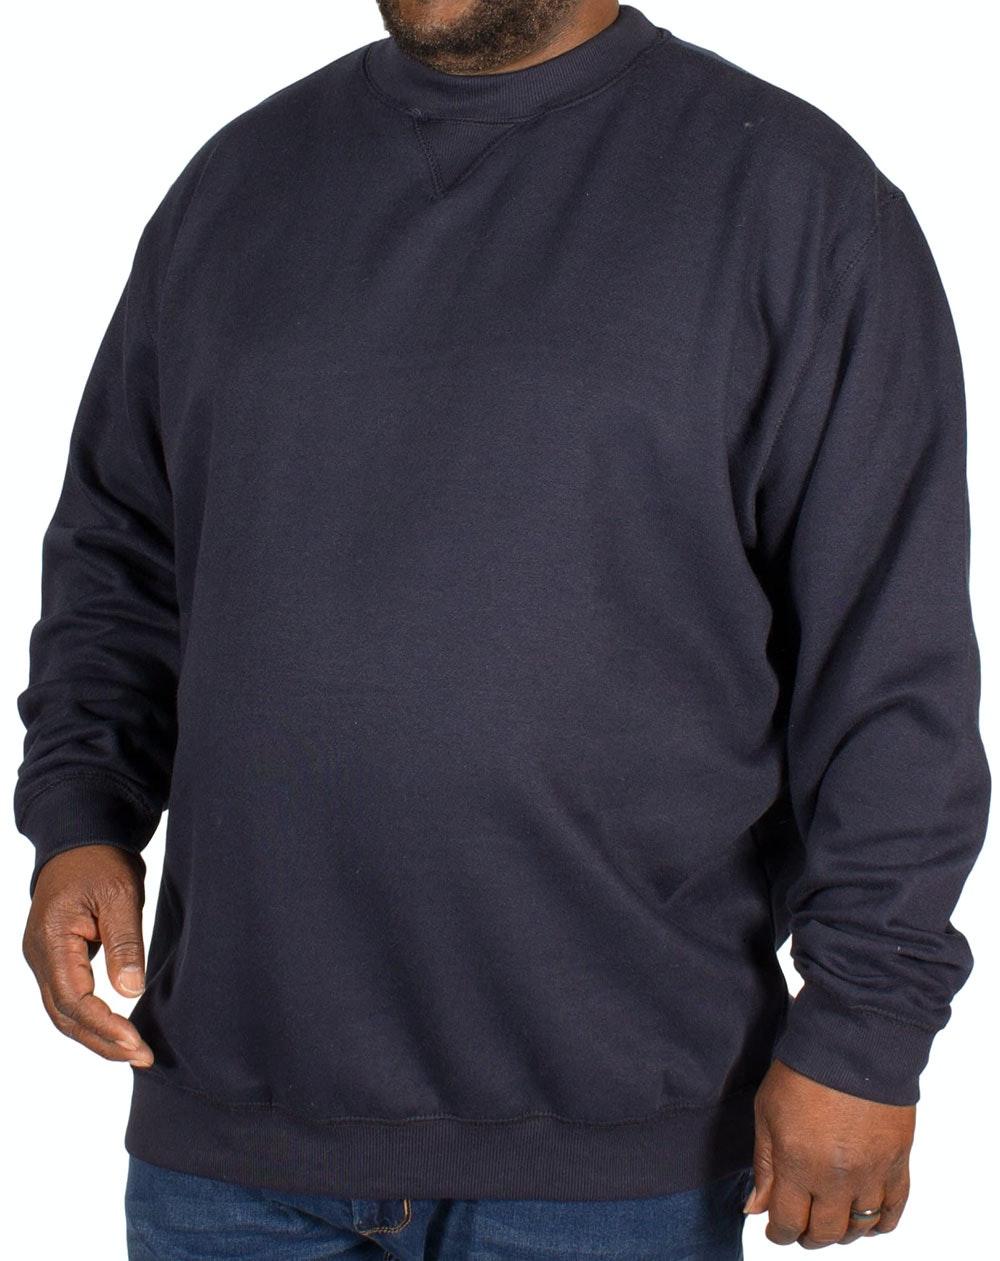 D555 Essential Sweatshirt Navy